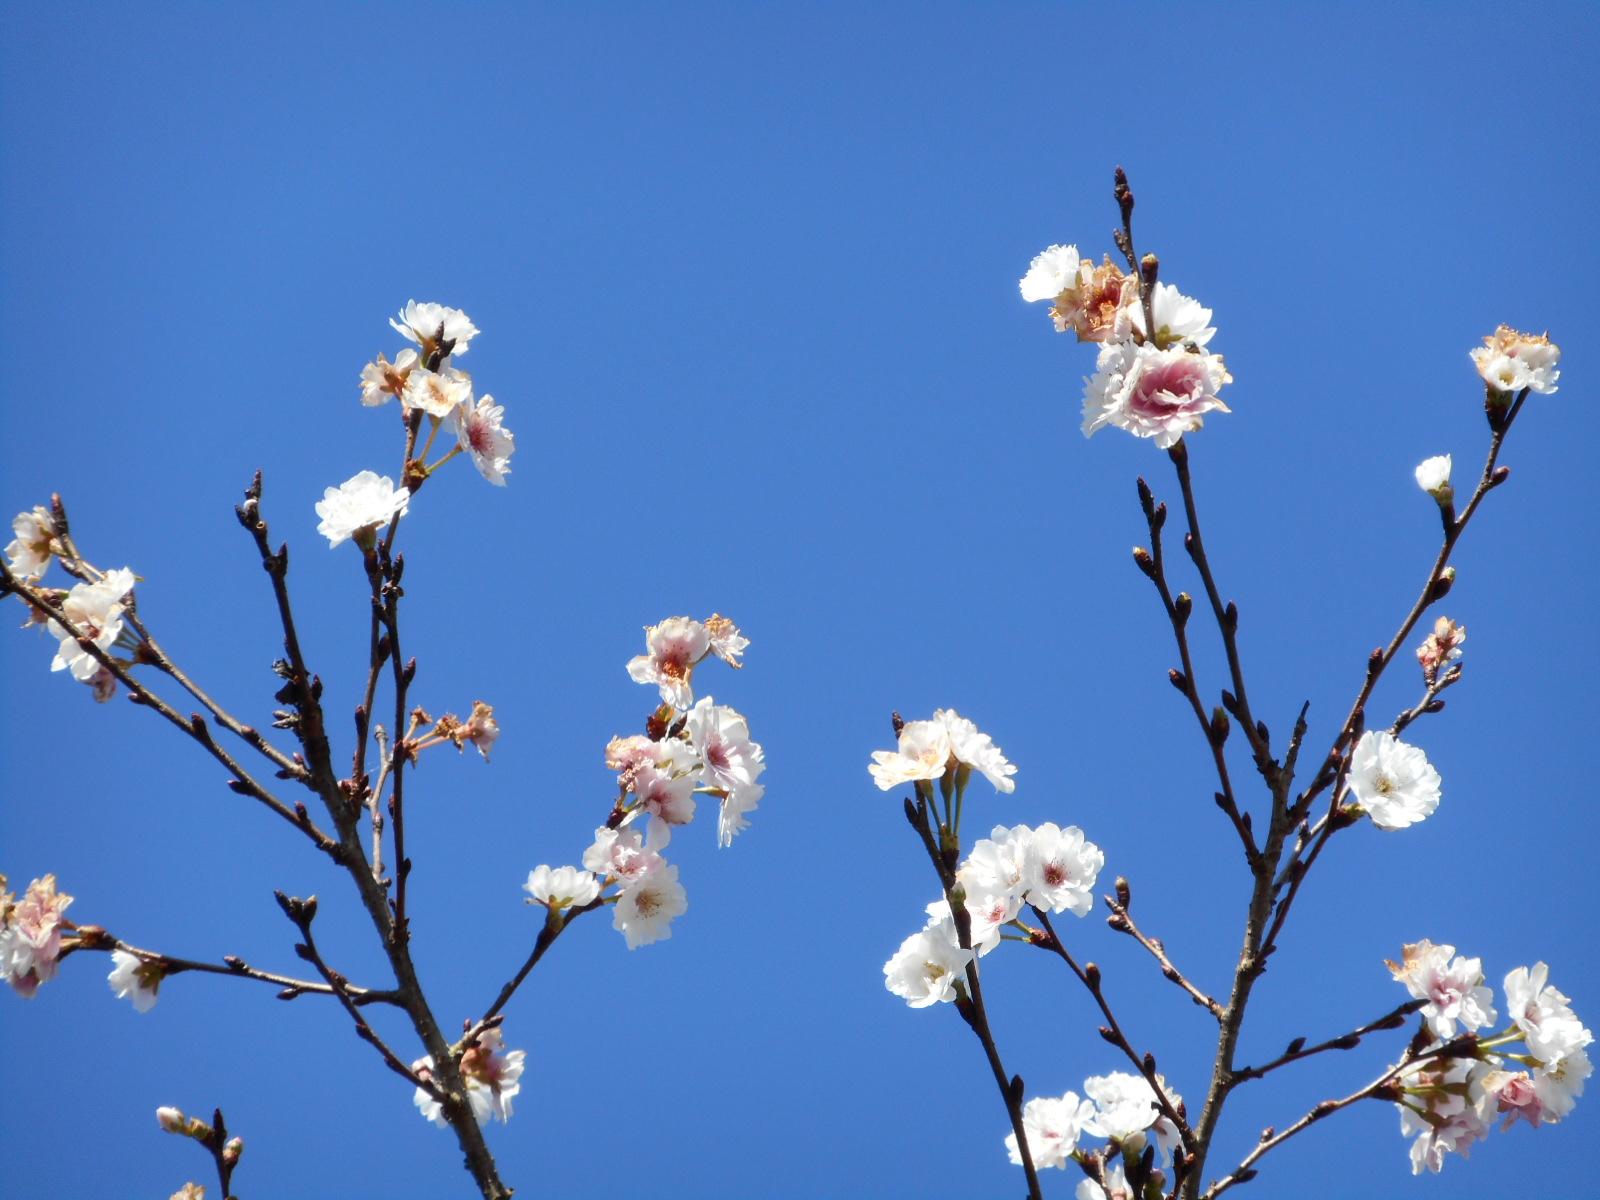 「冬桜」を見に行ってきました!お出かけの間は肩をほぐす☆